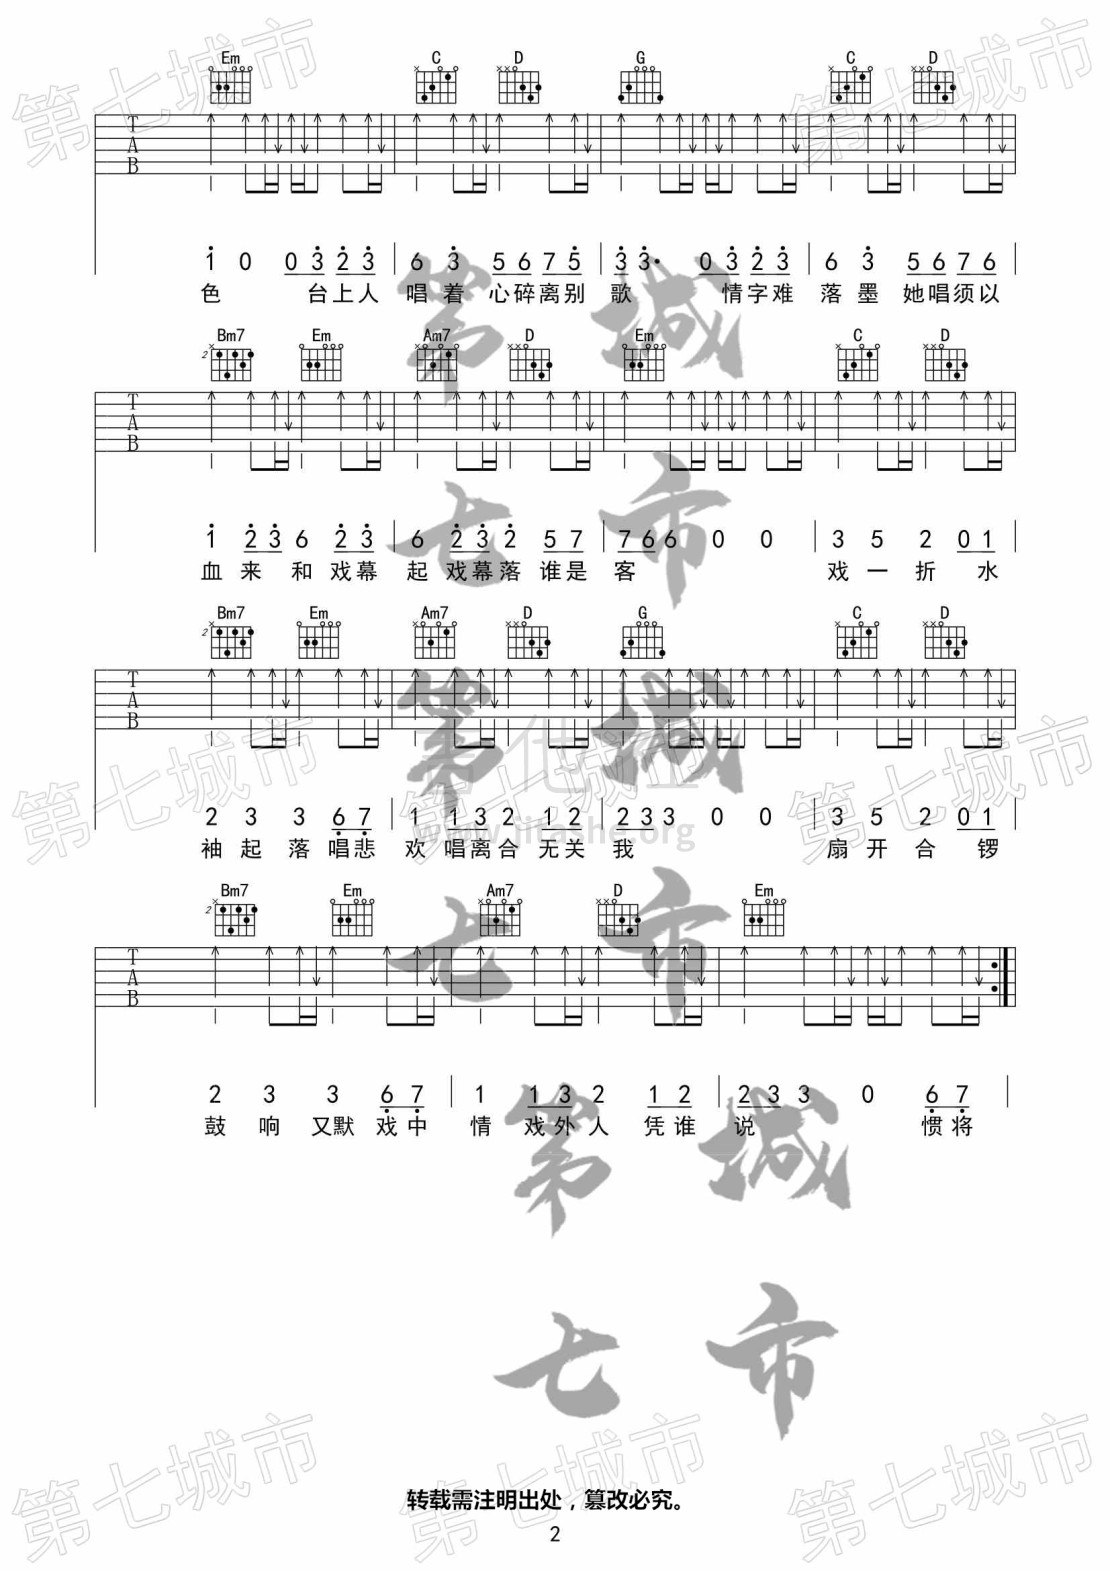 赤怜吉他谱(图片谱,赤怜,吉他谱,HITA)_HITA_赤怜水印2.jpg